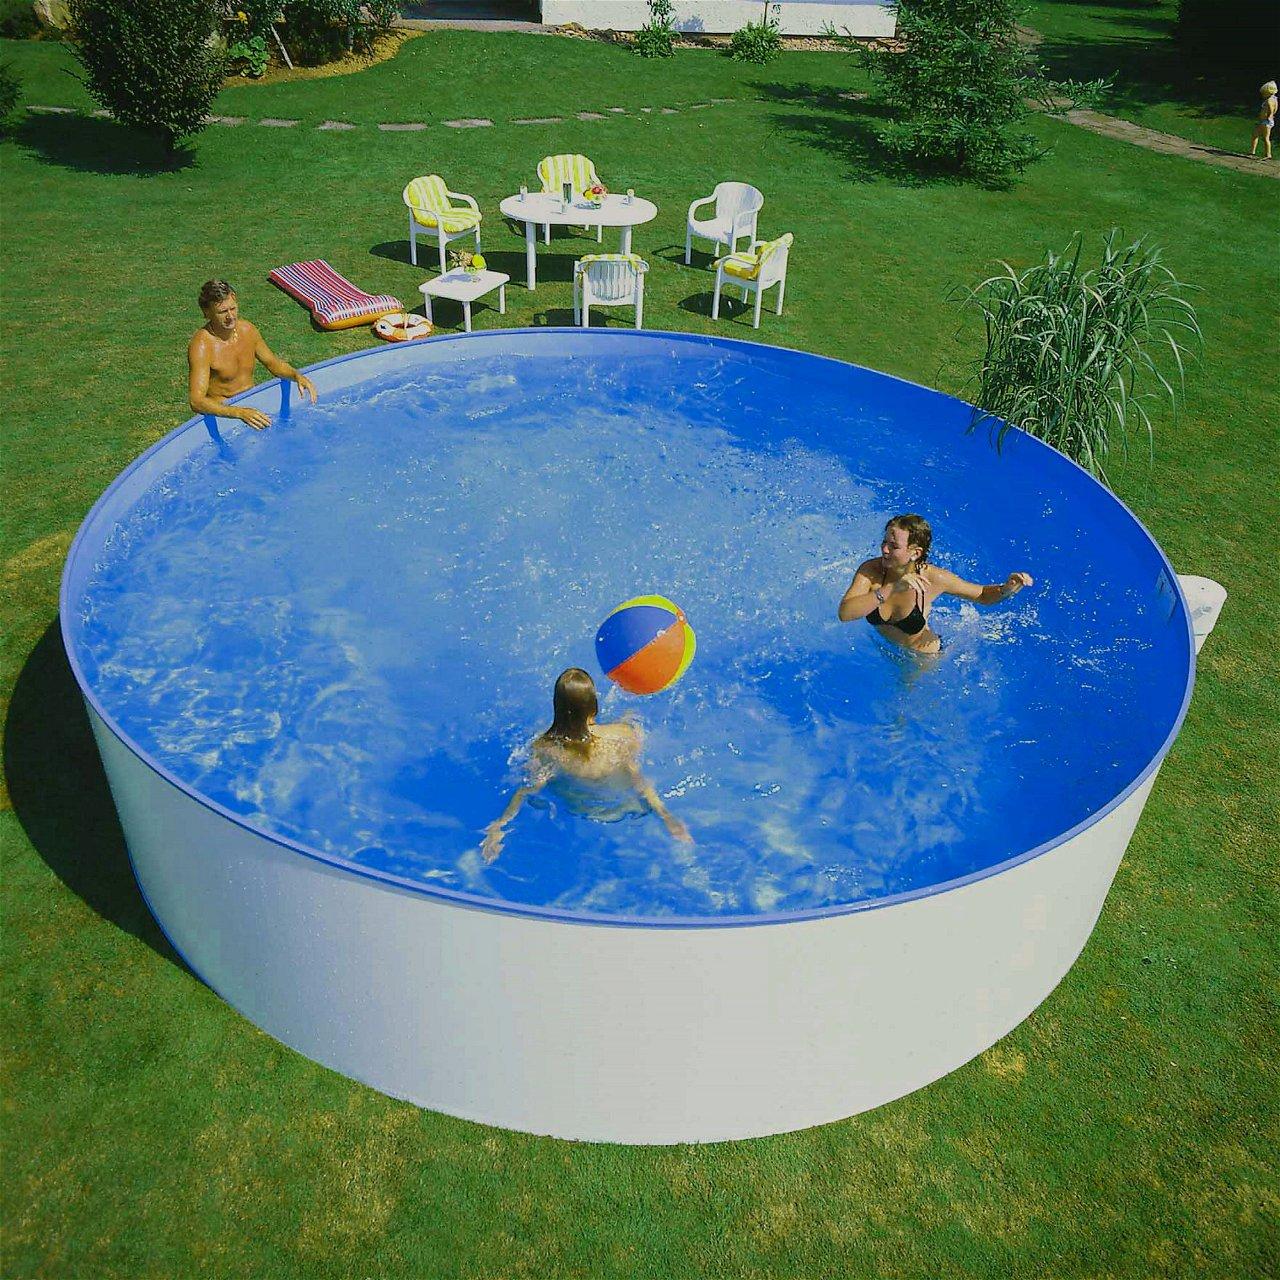 Rundbecken 400x110cm von Planet Pool - Innenhülle sandfarben